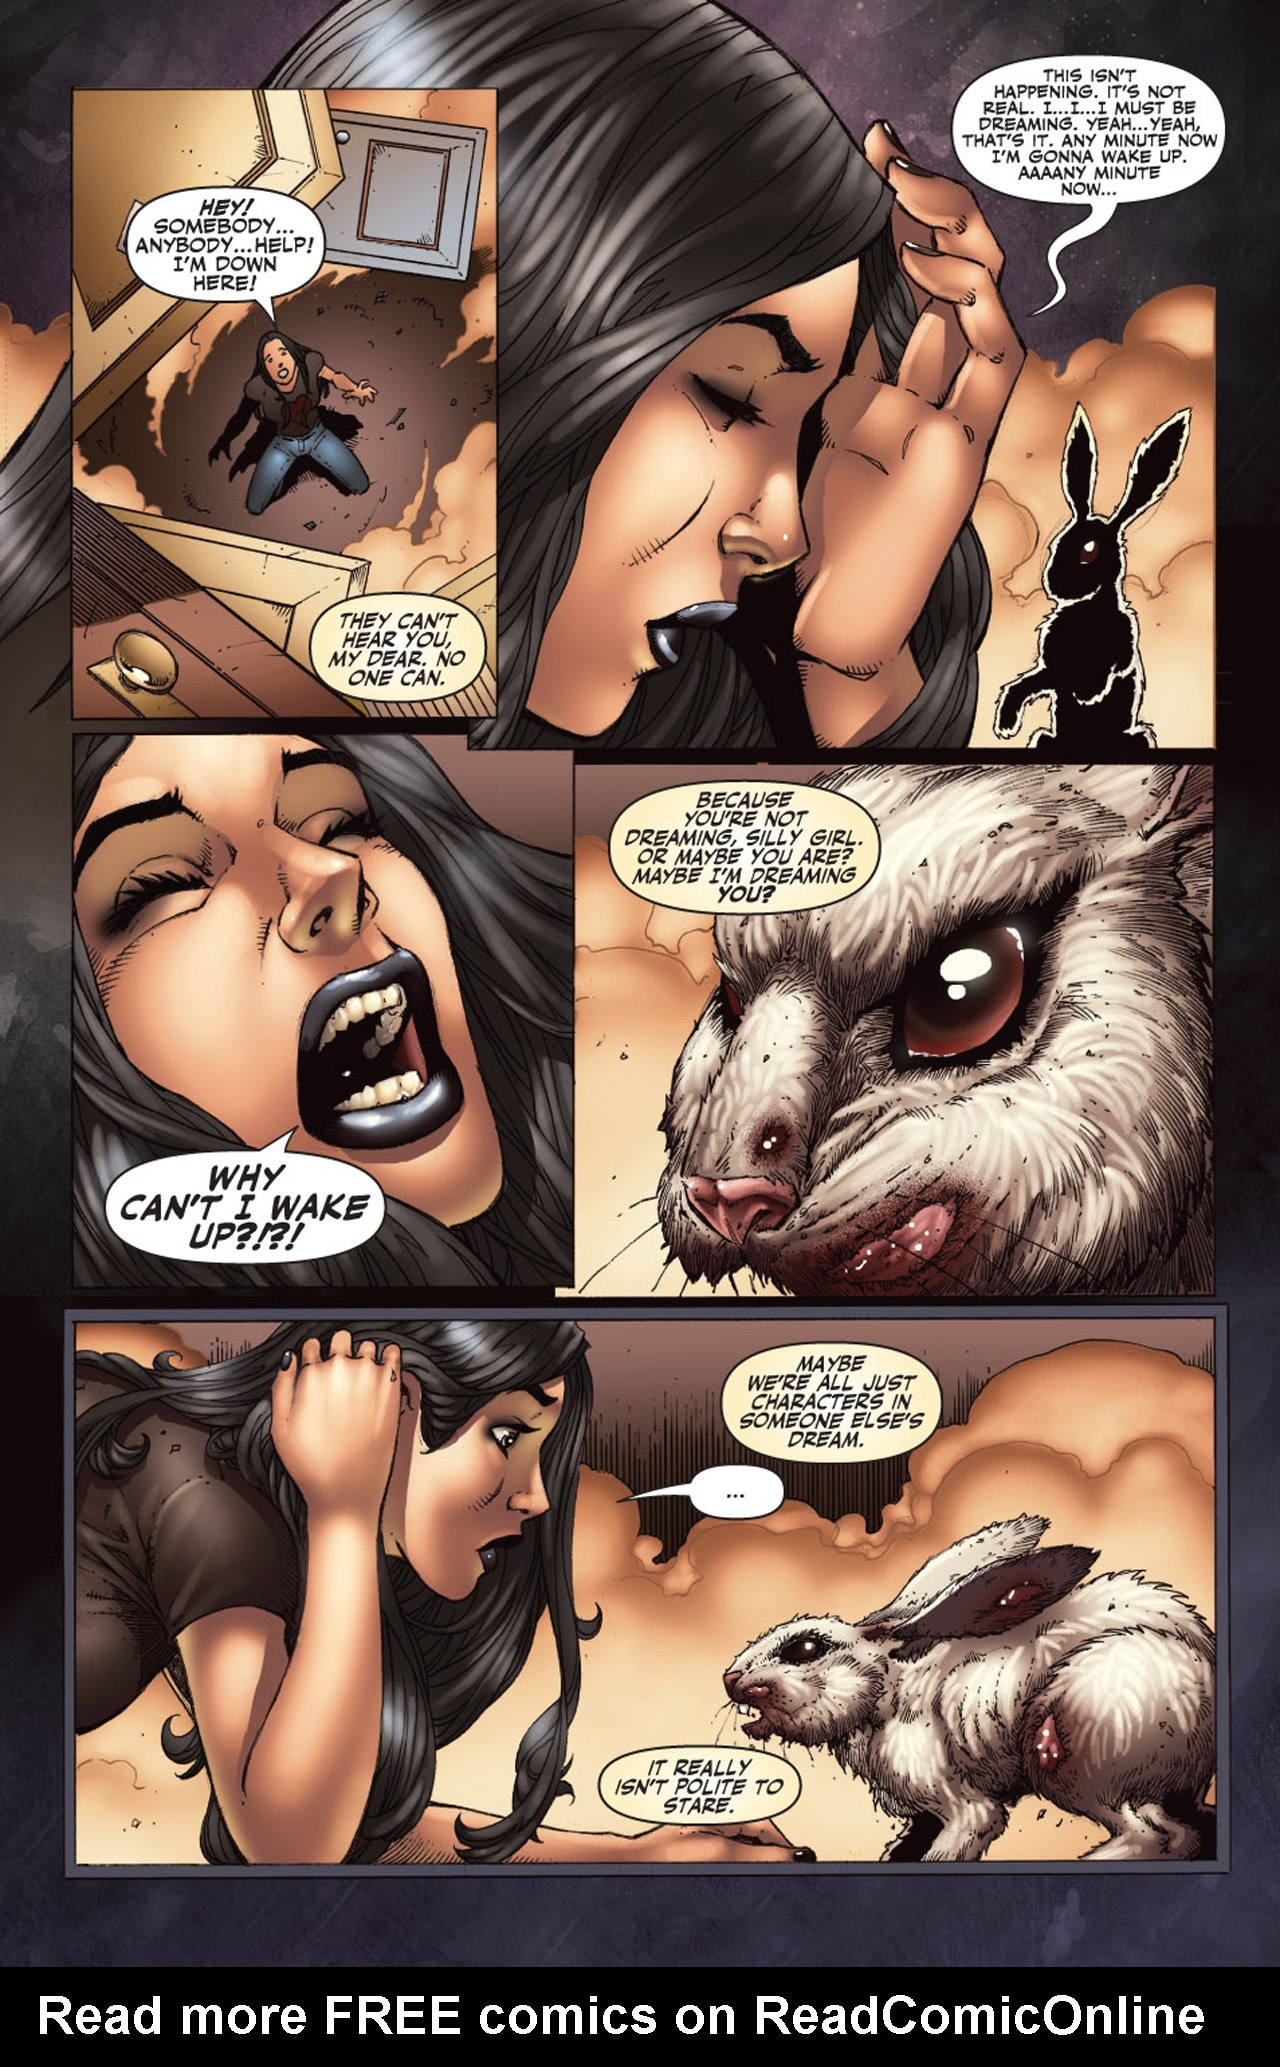 читать комиксы онлайн эротика № 24719  скачать